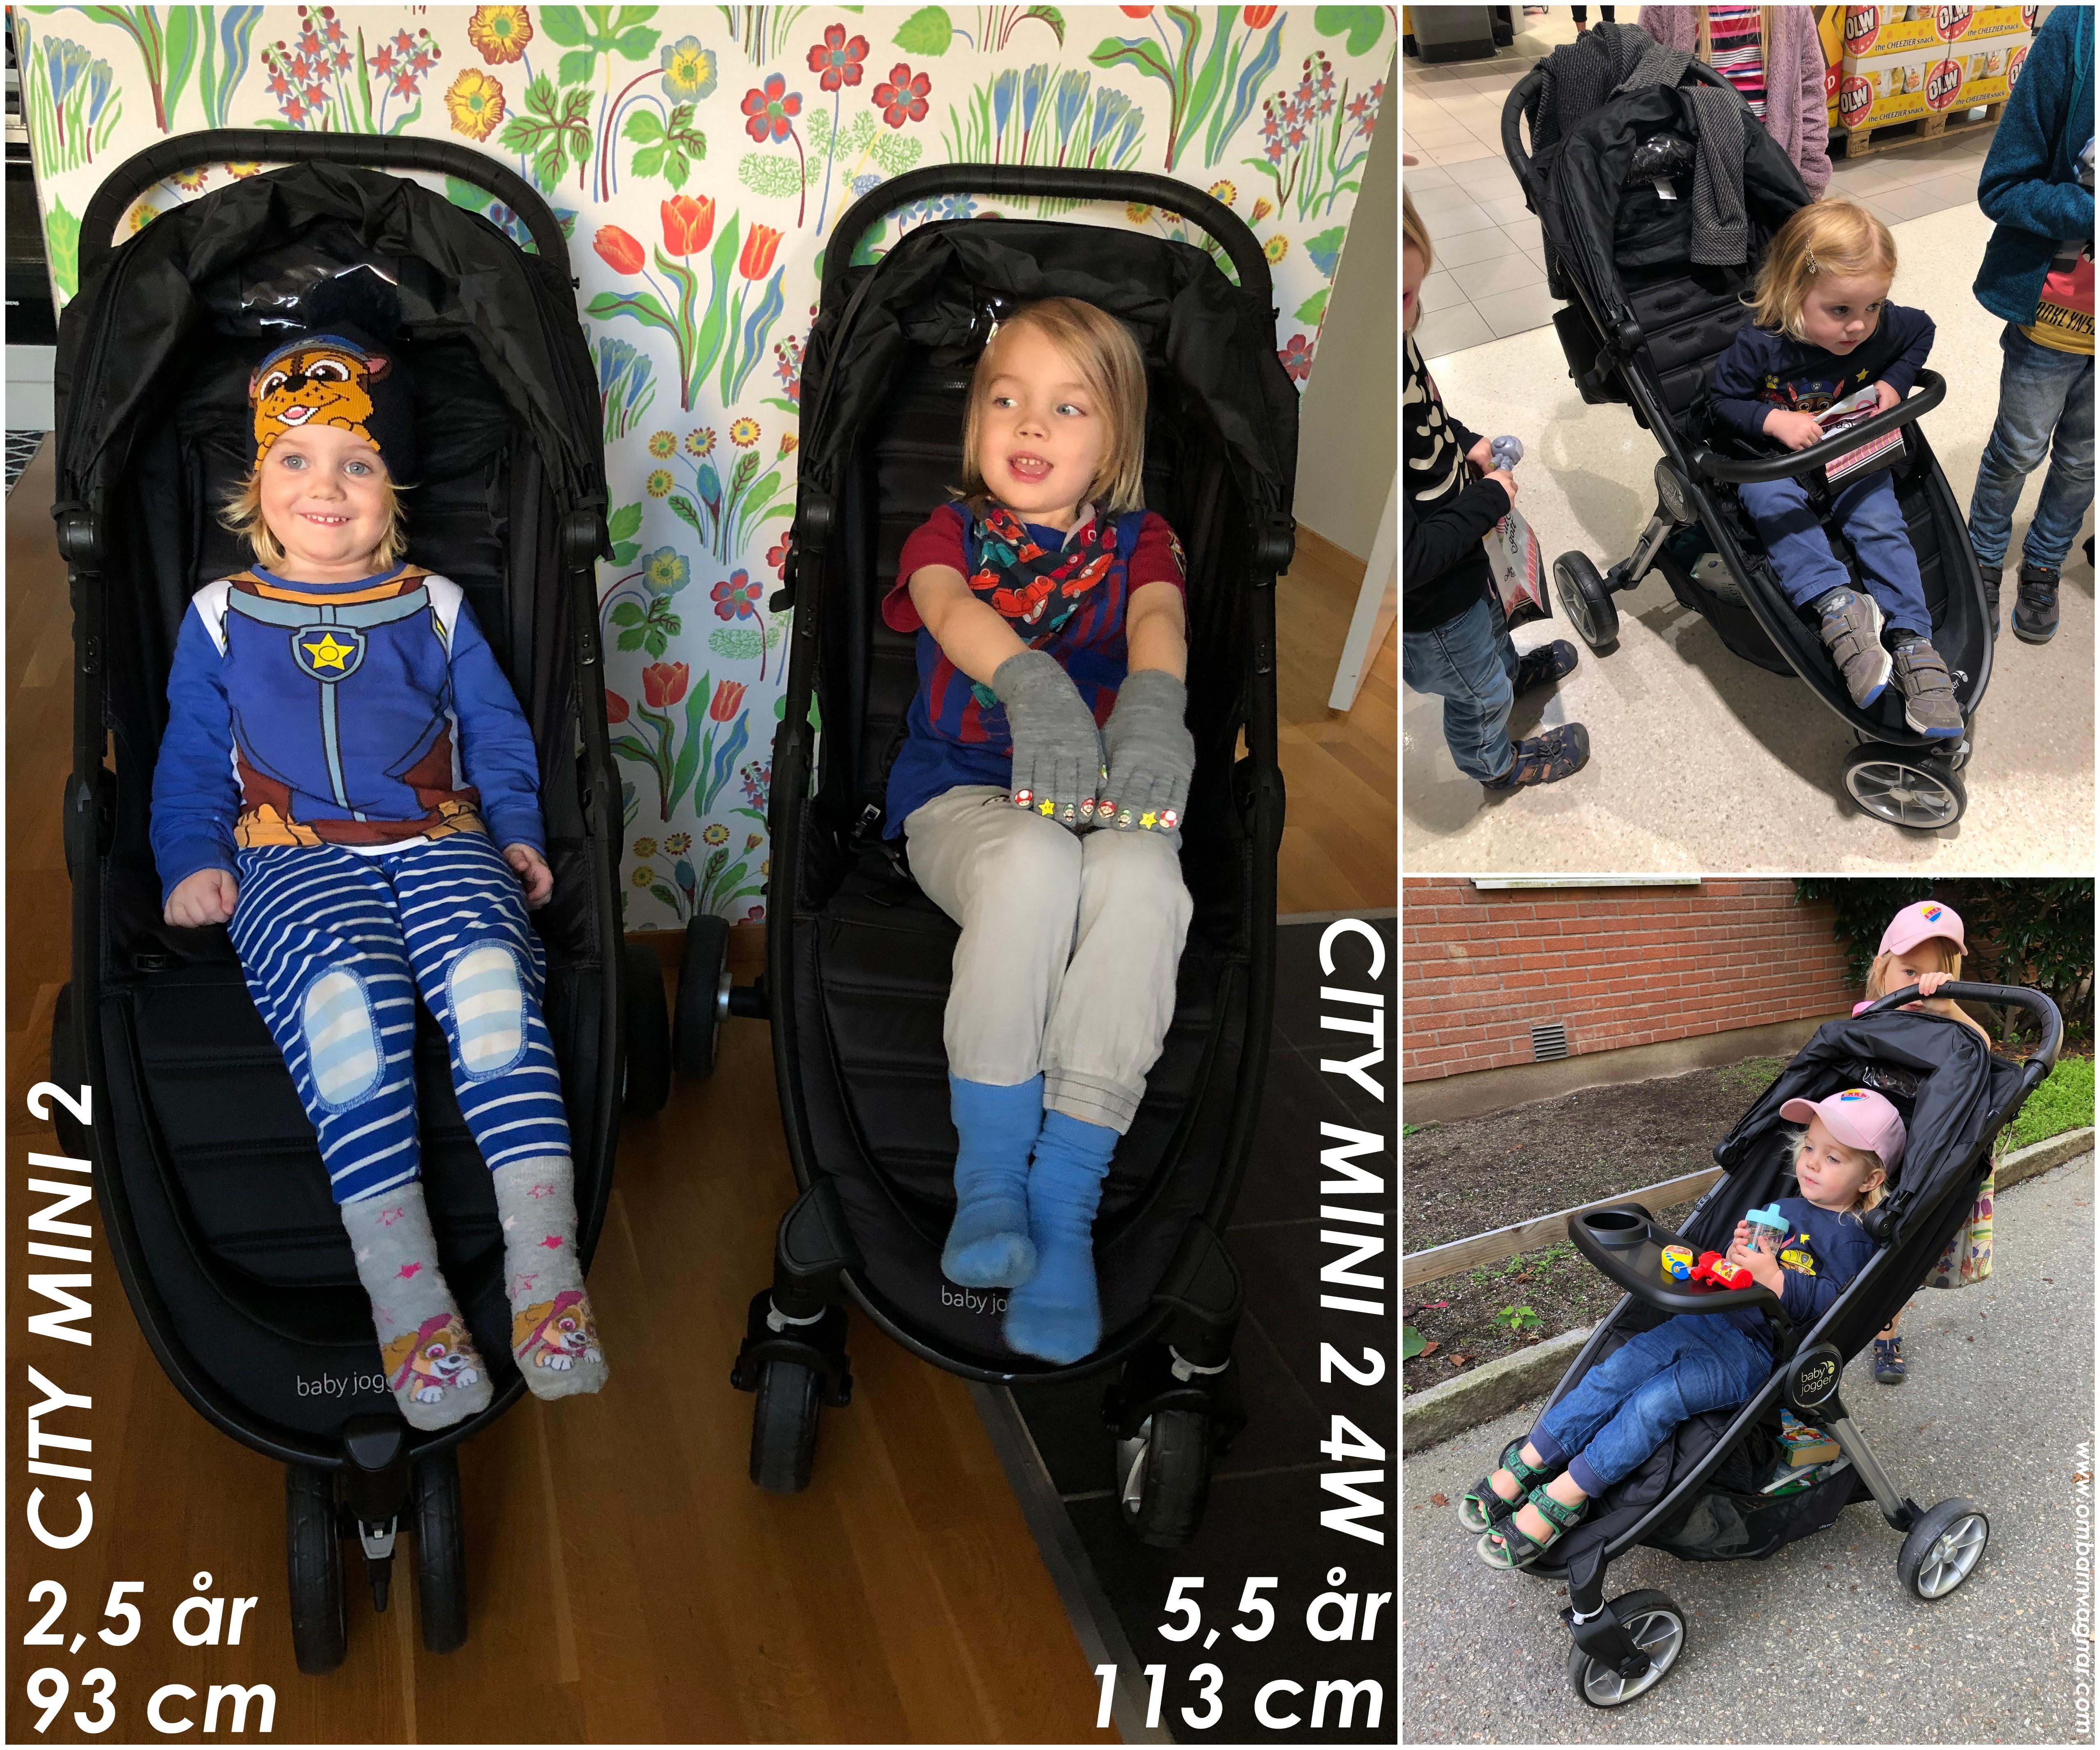 Så stora barn ryms i Baby Jogger City Mini 2 4W